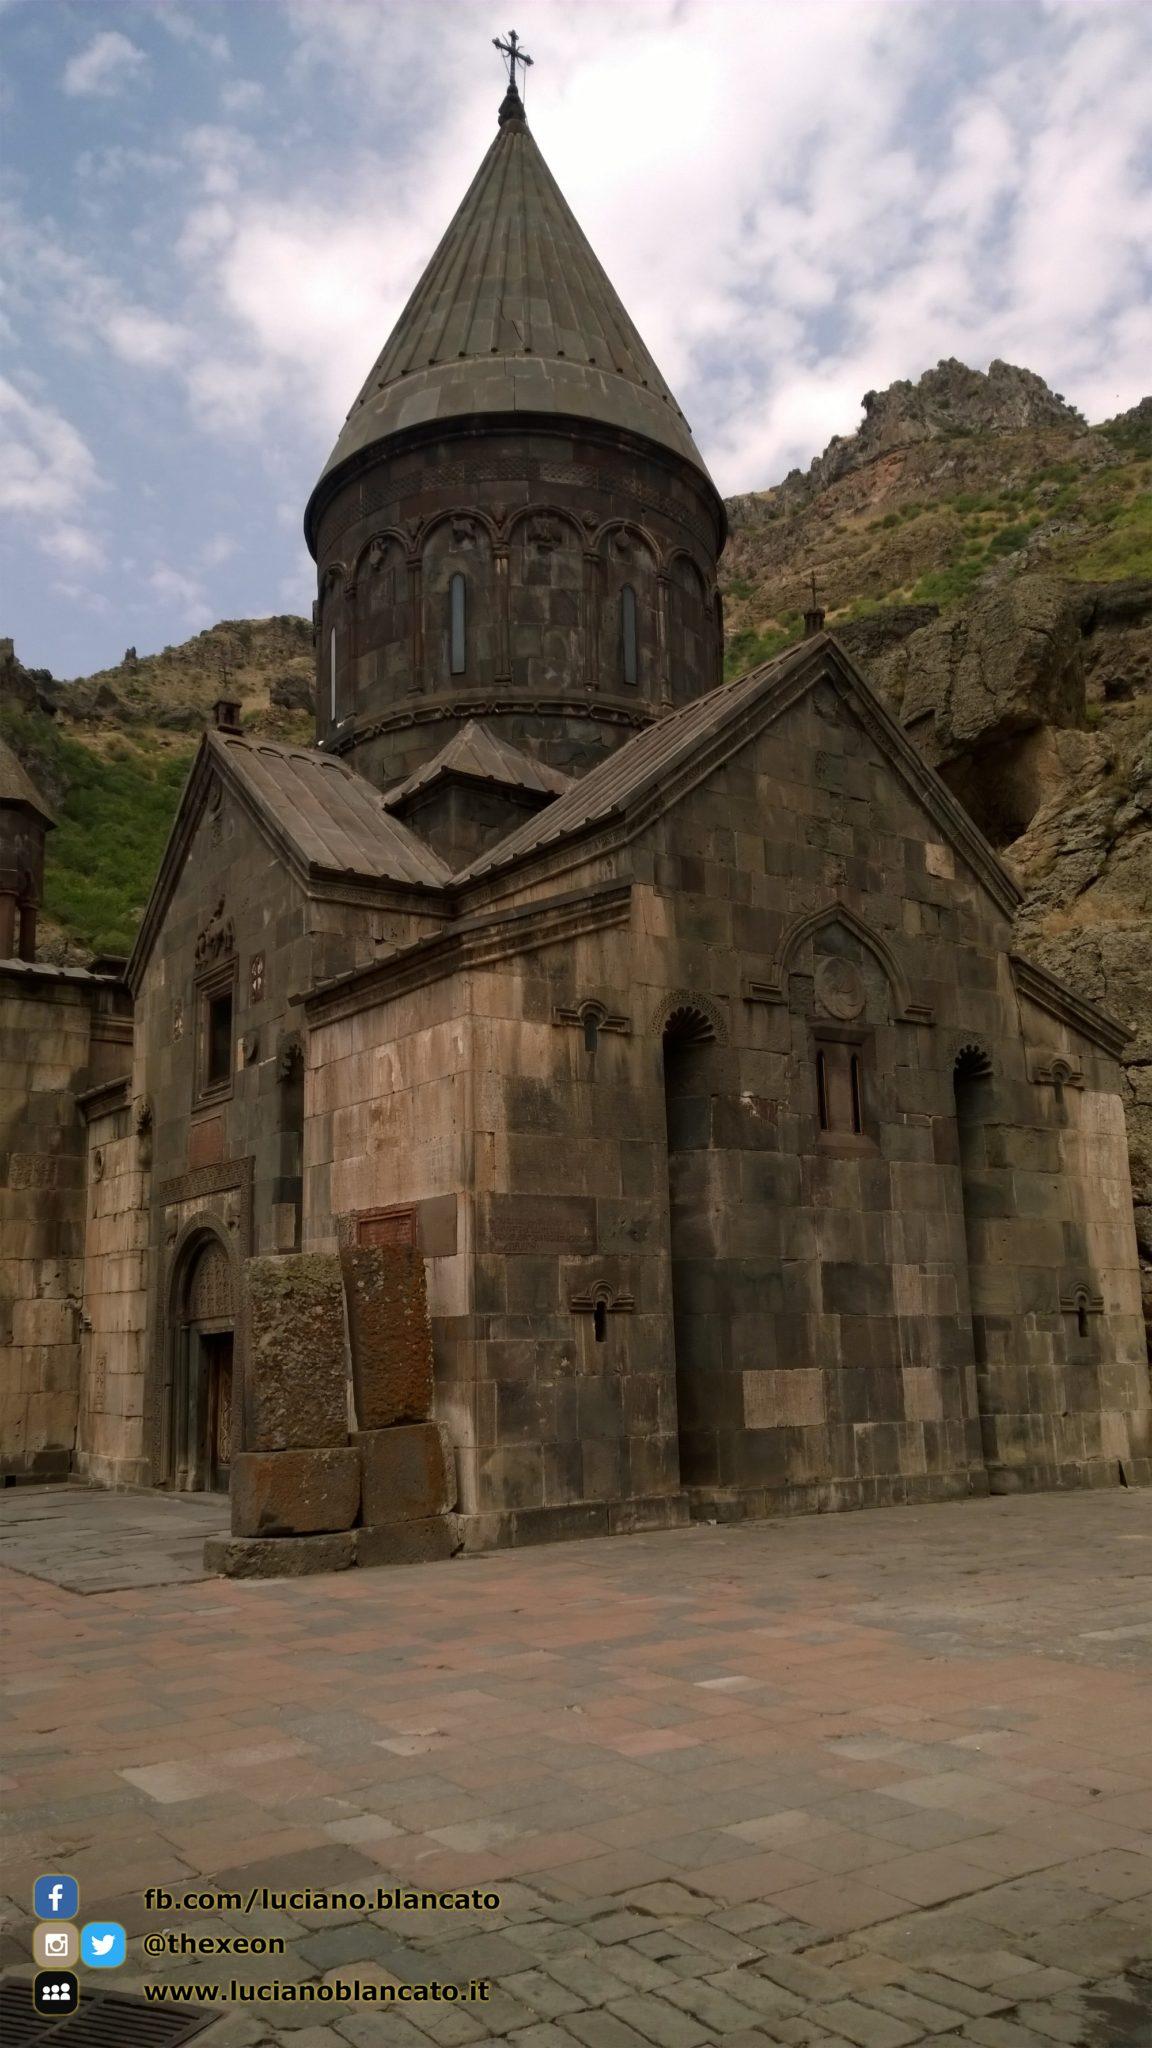 Erevan - 2014 - Foto n. 0065